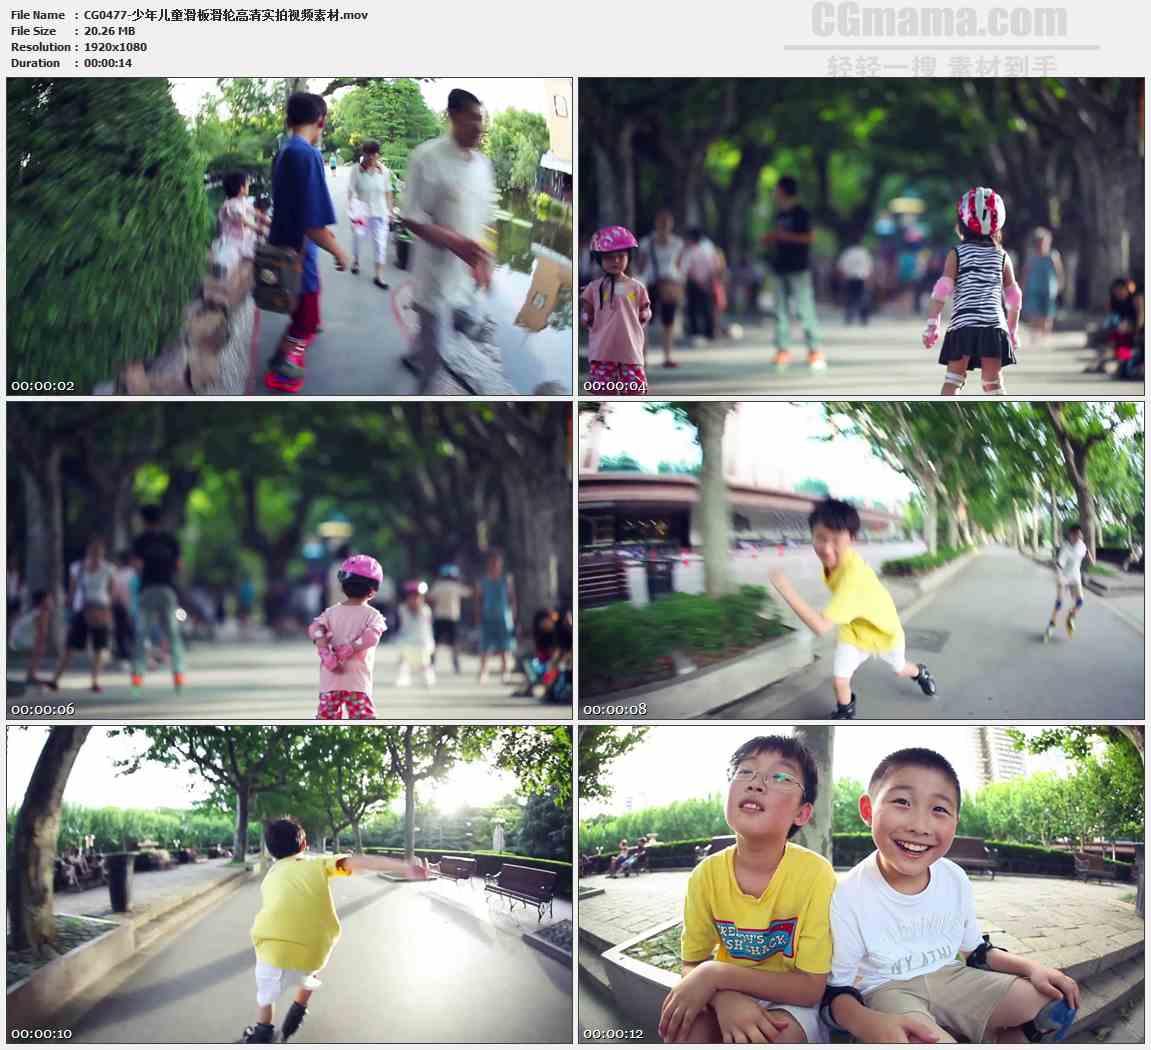 CG0477-少年儿童滑板滑轮高清实拍视频素材